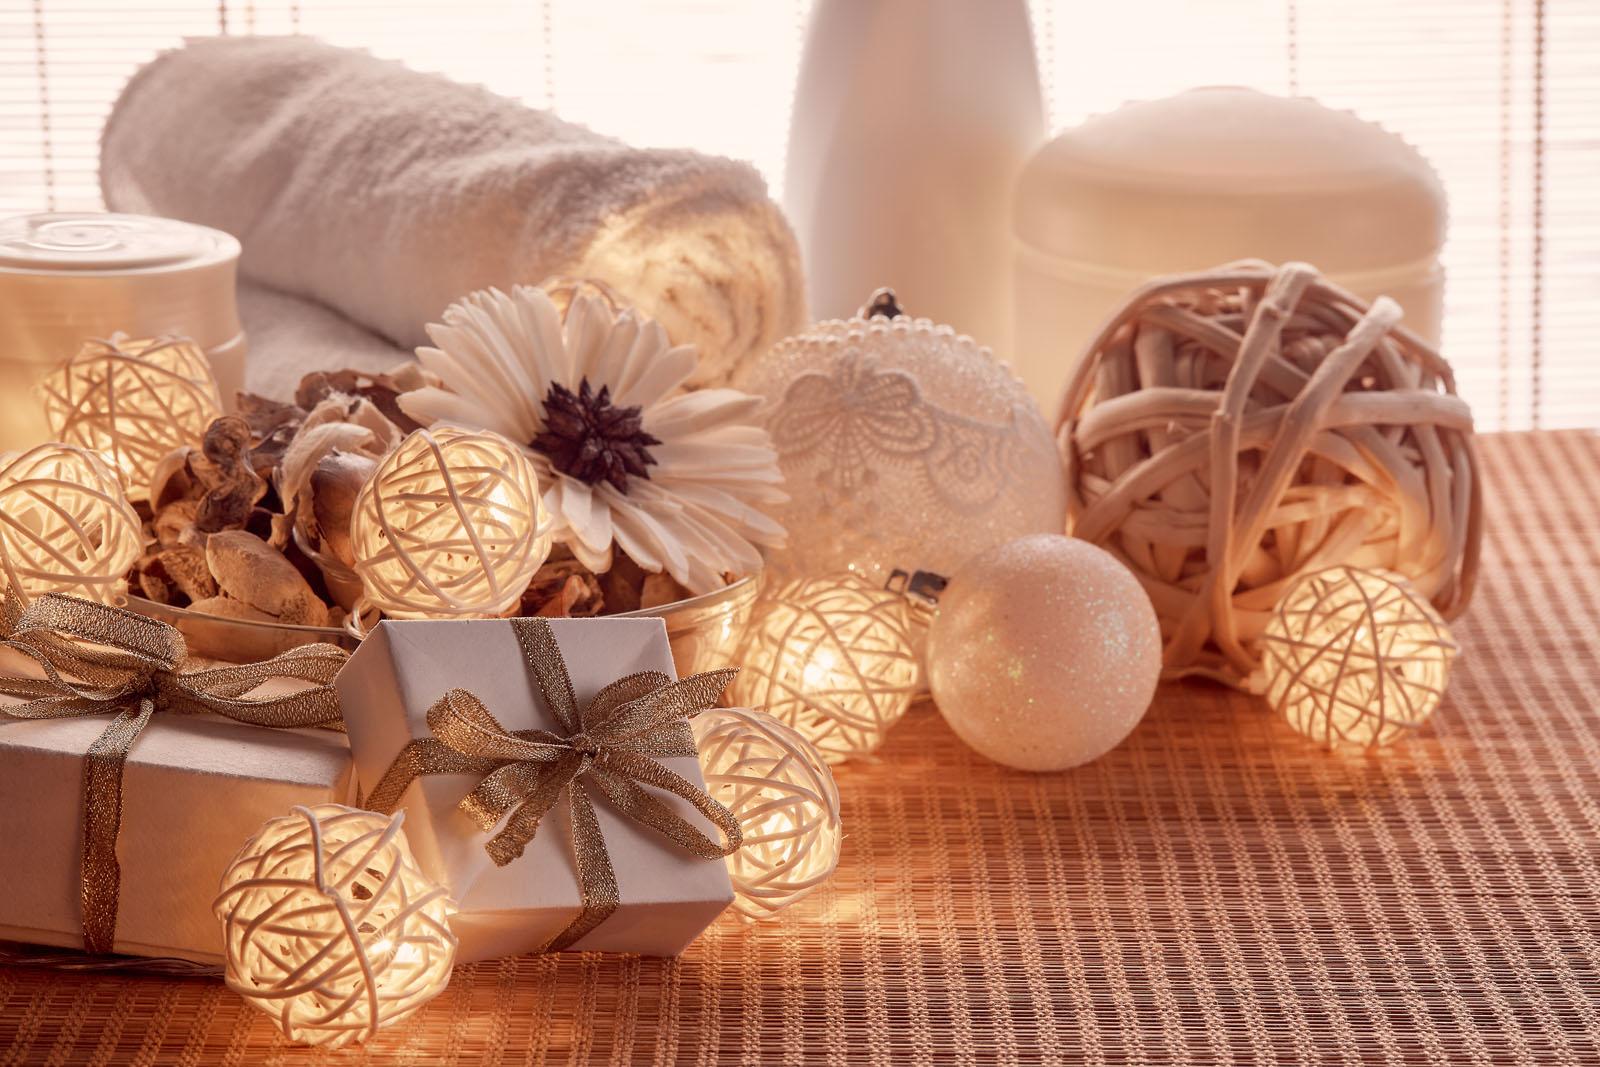 Idee di tendenza per decorare il bagno per Natale